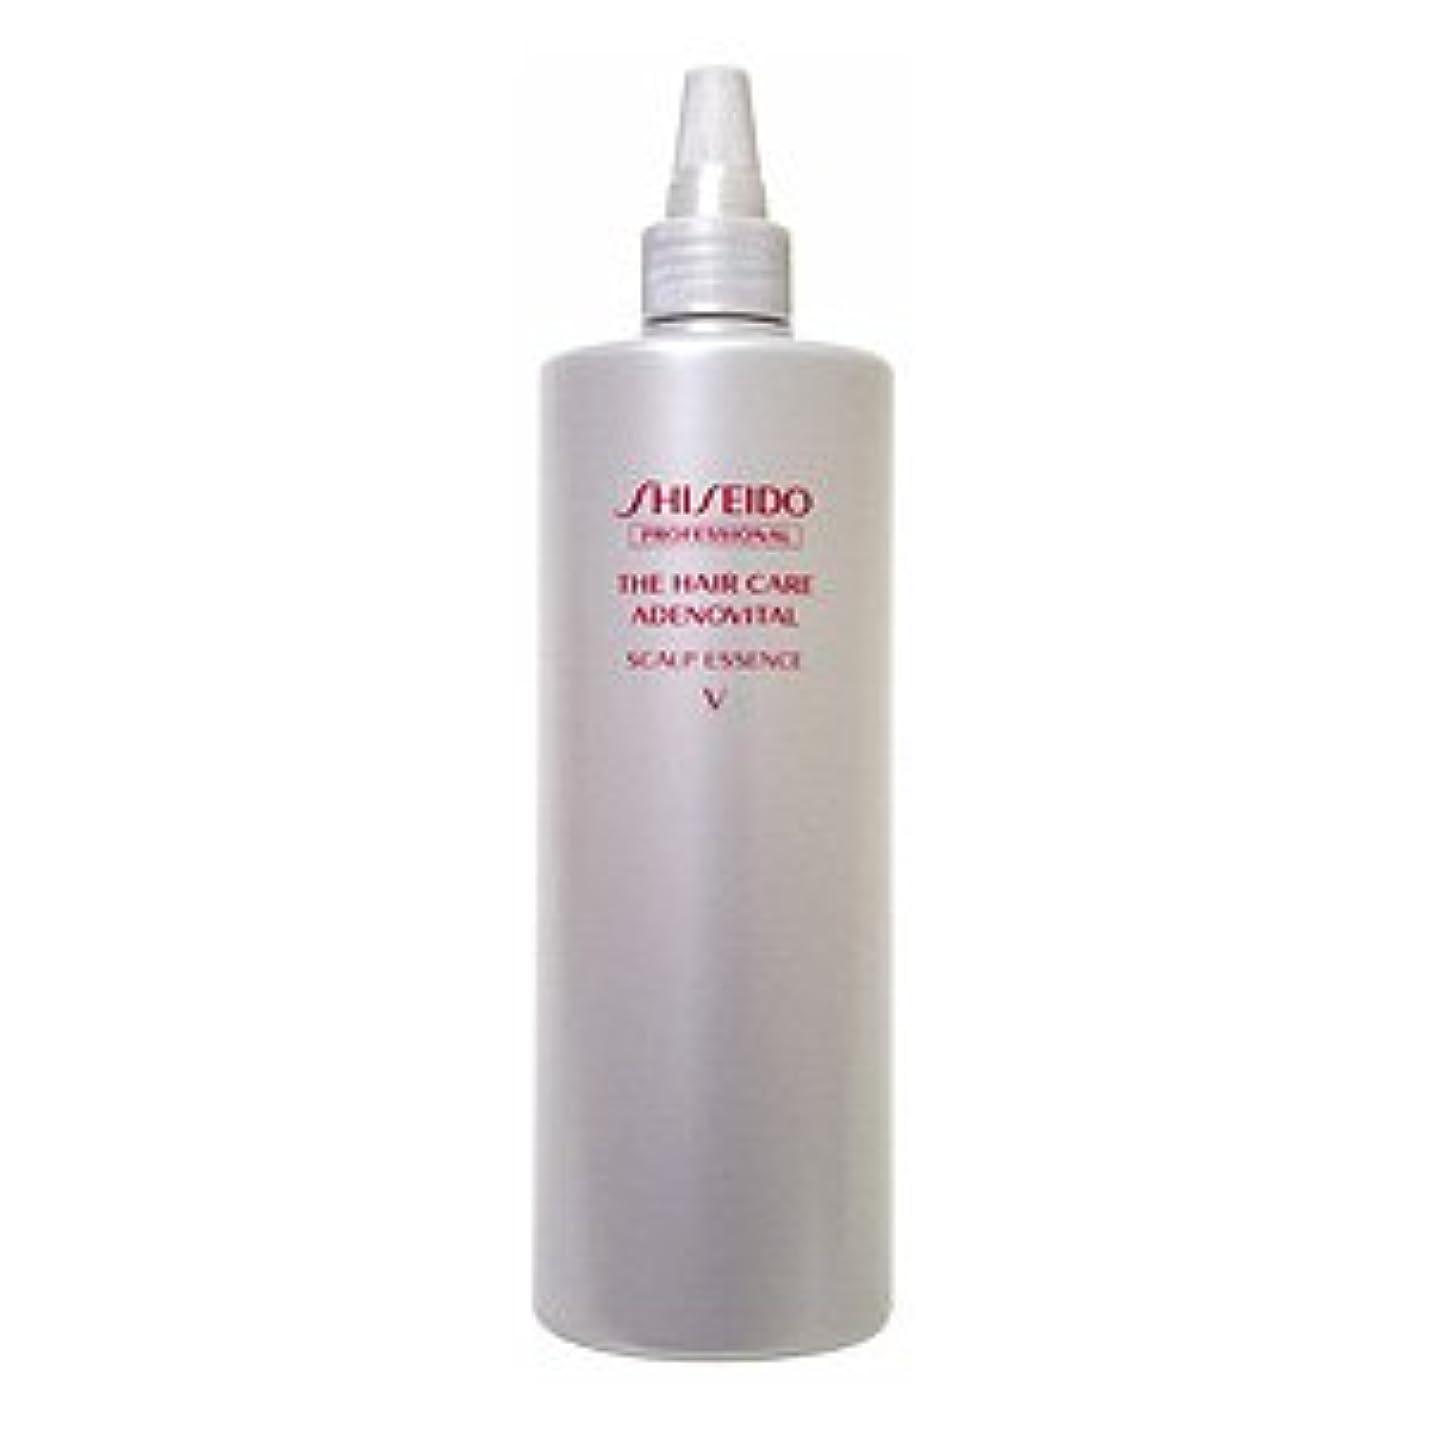 比率媒染剤整理する資生堂 プロフェッショナル アデノバイタル スカルプエッセンスV レフィル 480ml hs